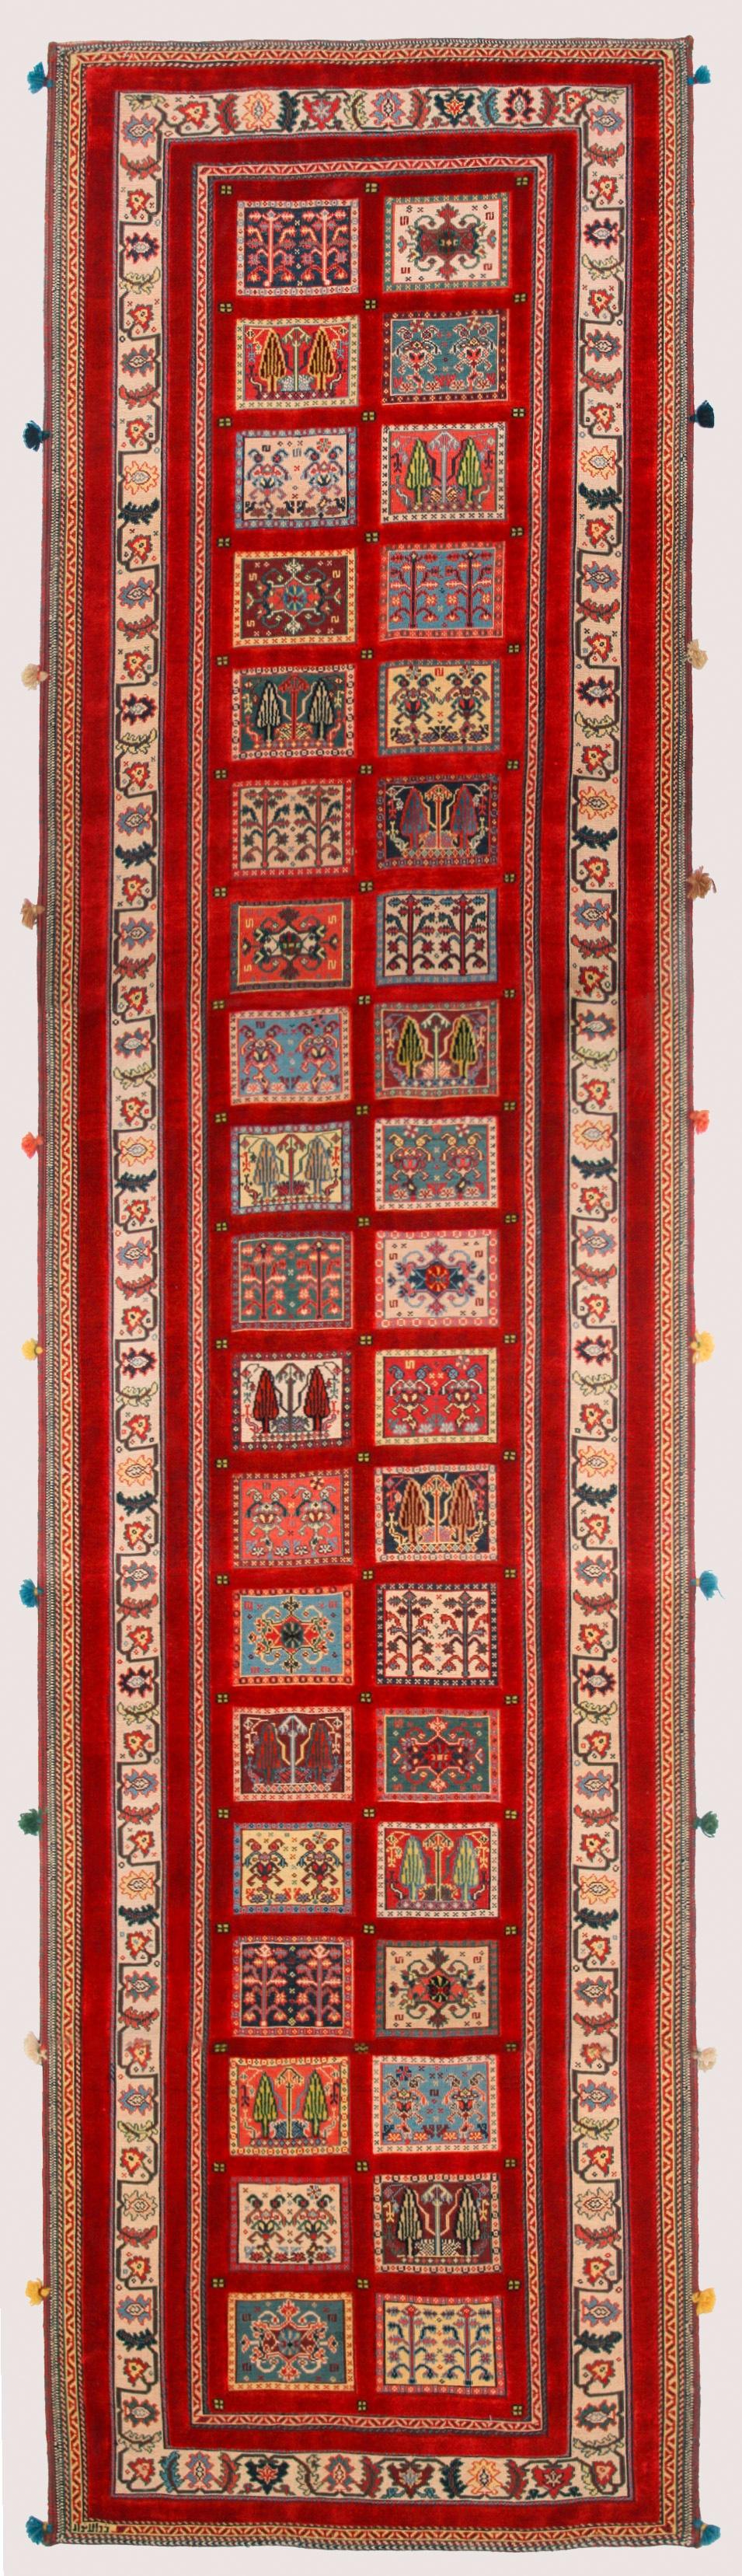 Baluch Soumak Runner Transitional Tribal 82 x 300cm